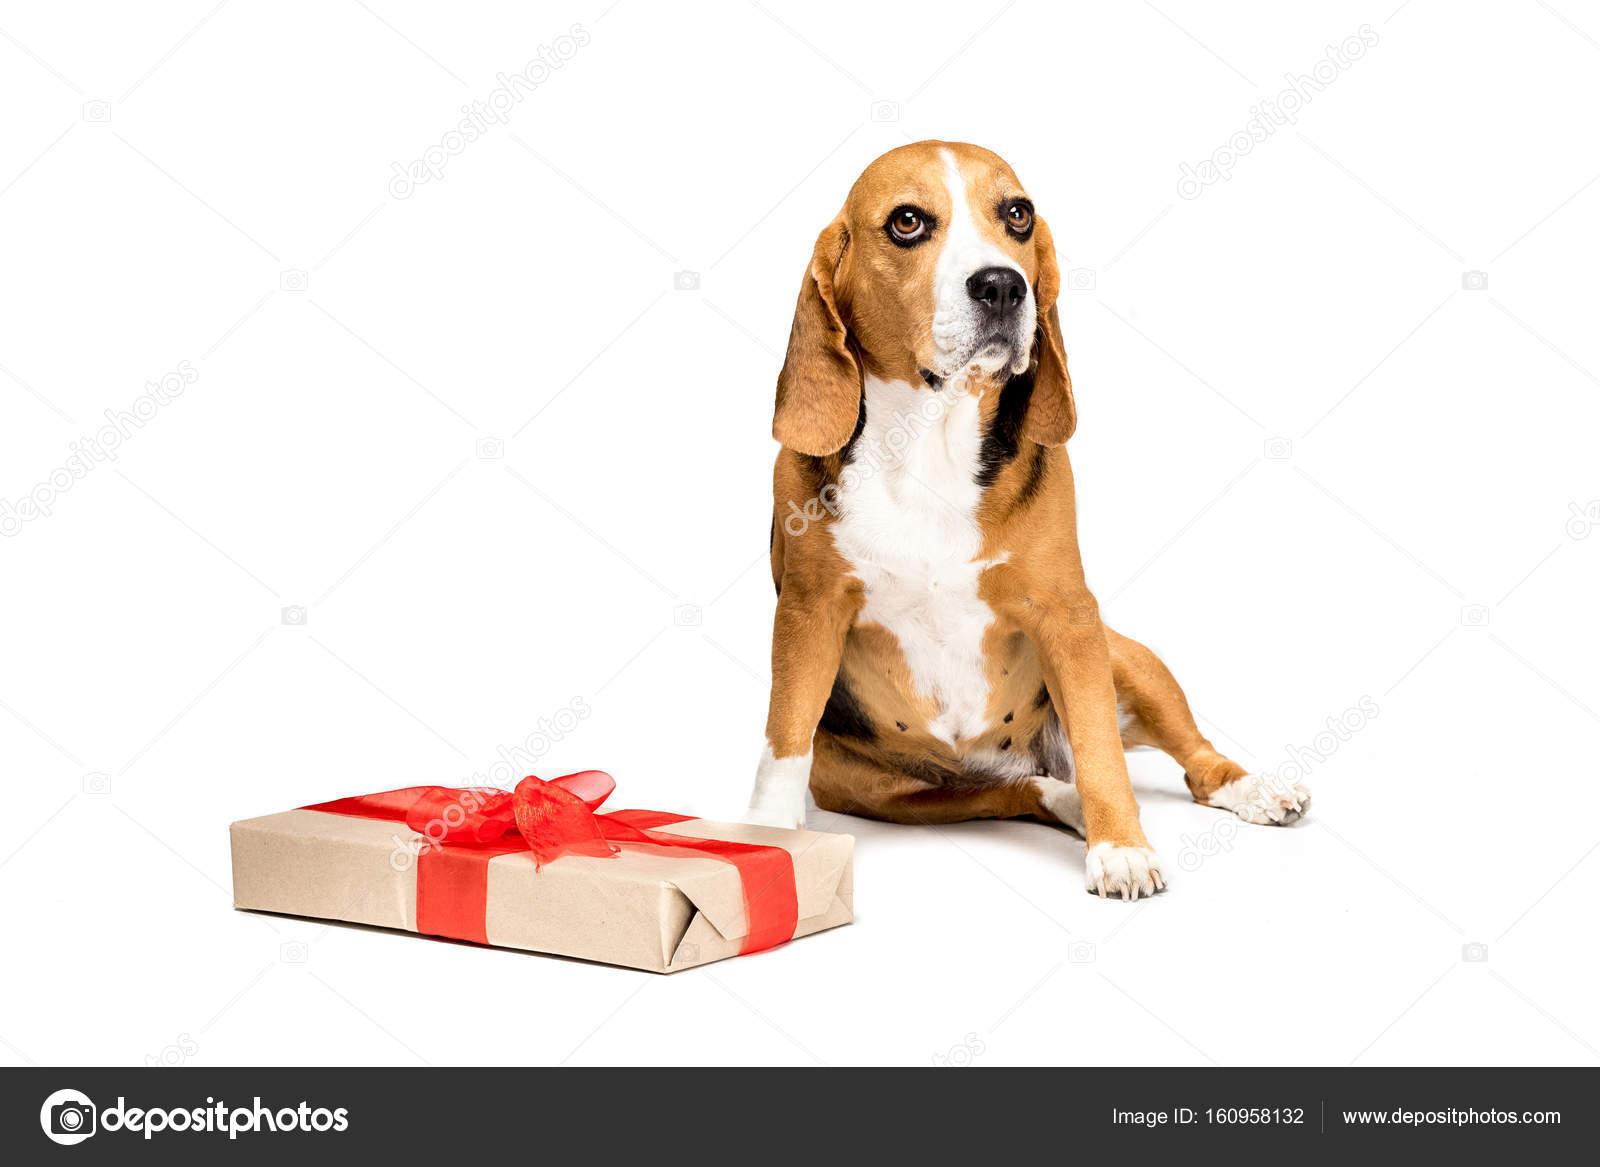 dog with present box stock photo allaserebrina 160958132